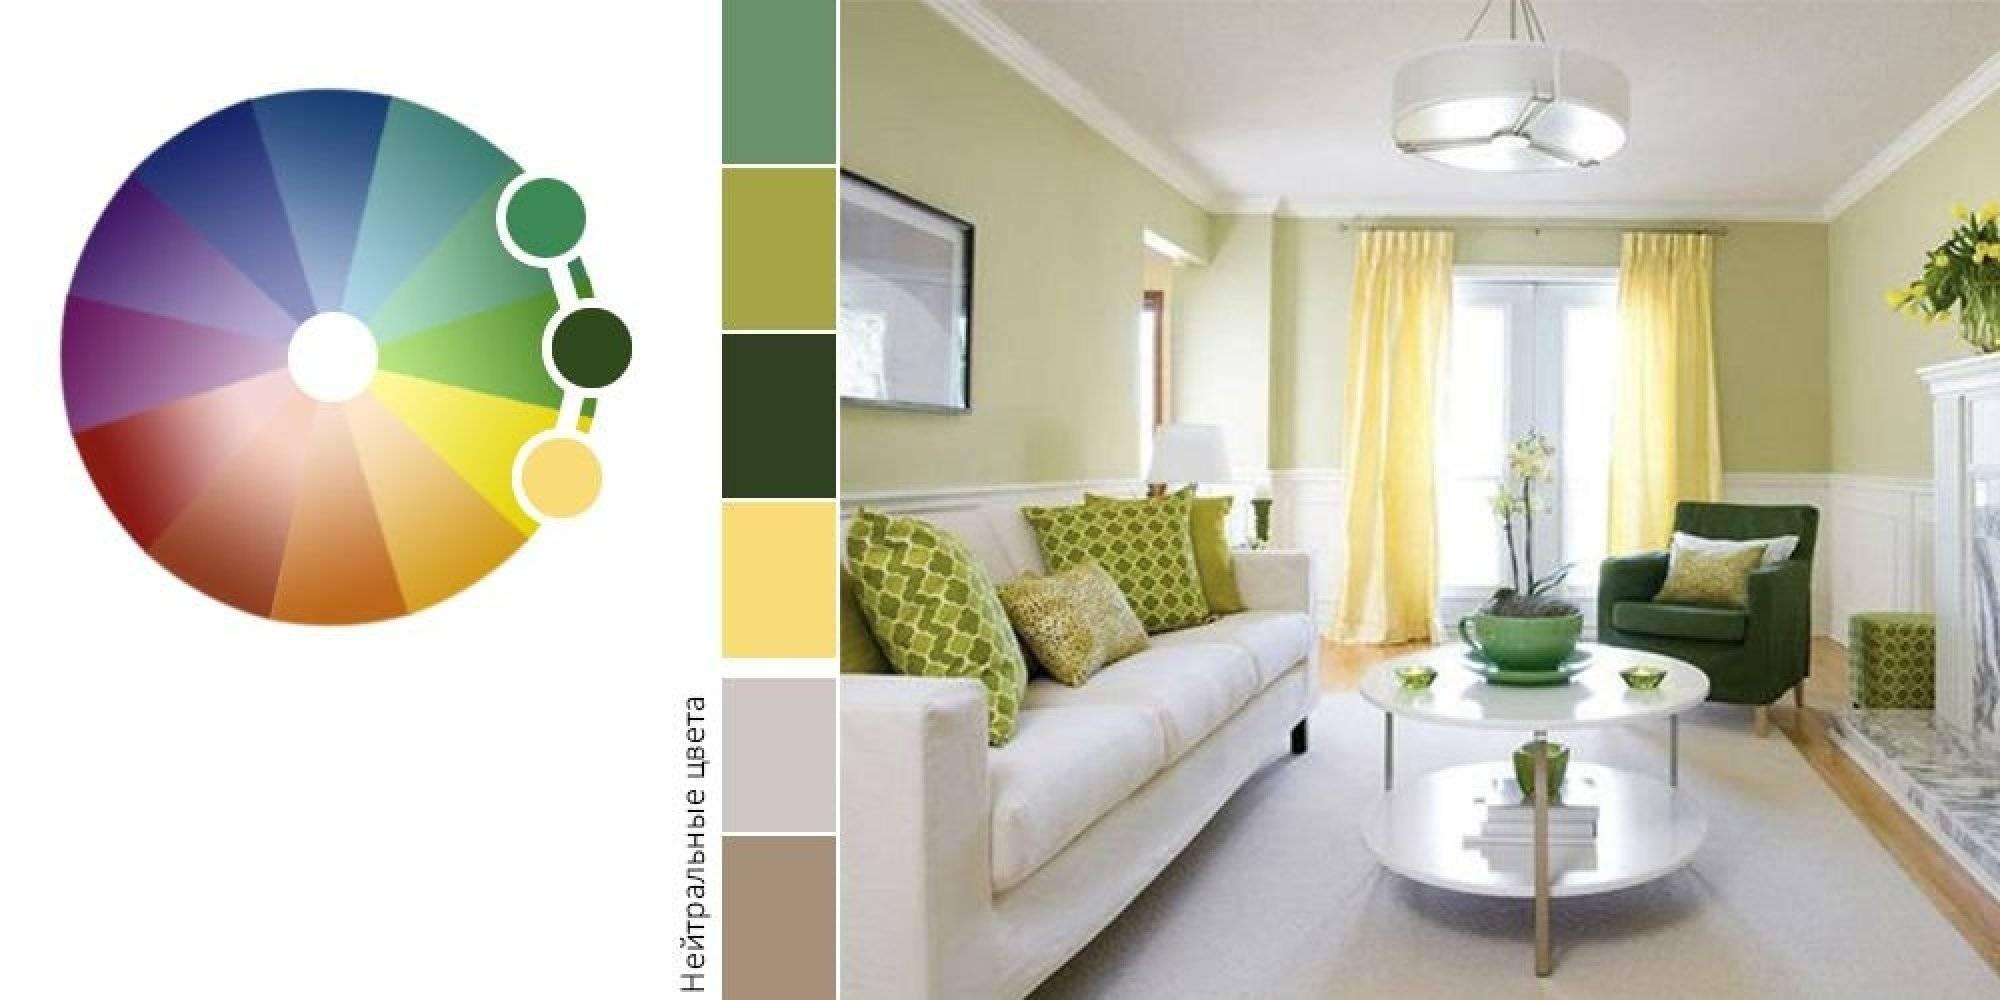 Шторы двух цветов: правильные сочетания и стильные примеры дизайна (115 фото)